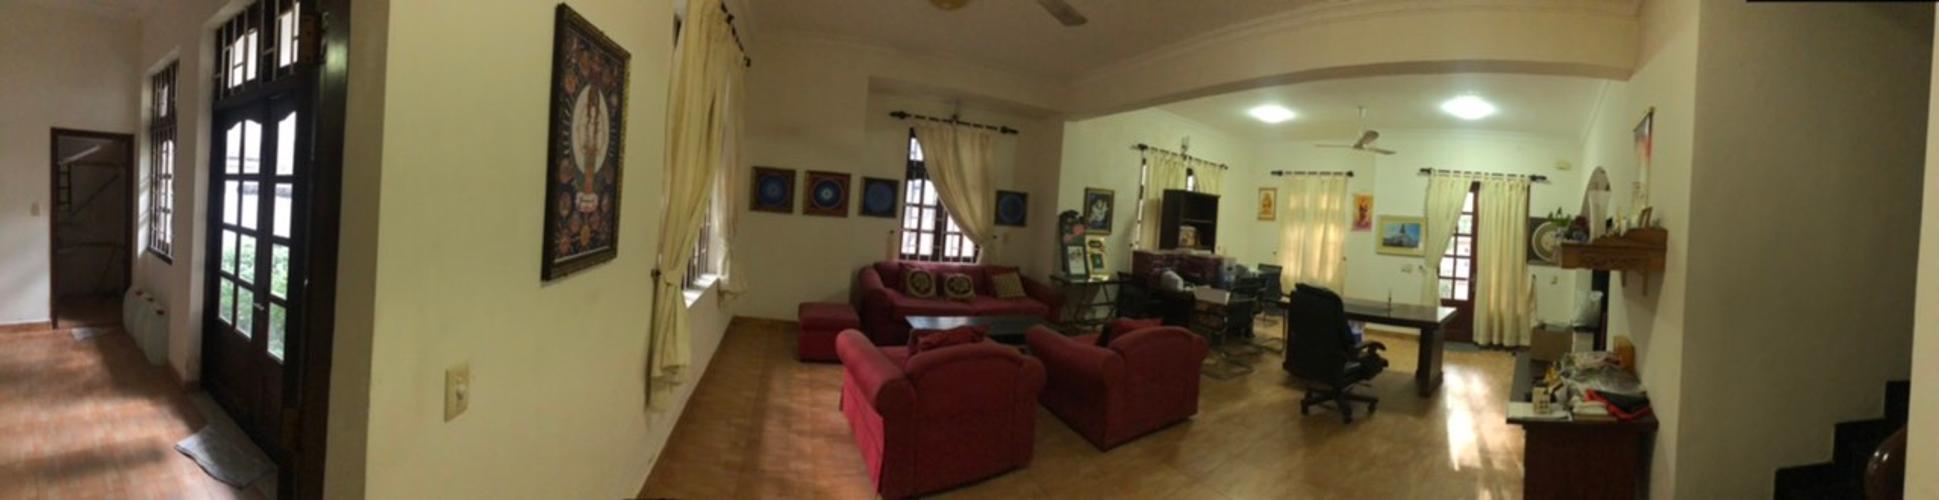 Phòng khách biệt thự Biệt thự Thảo Điền Quận 2 trang bị đầy đủ nội thất, khu vực an ninh.